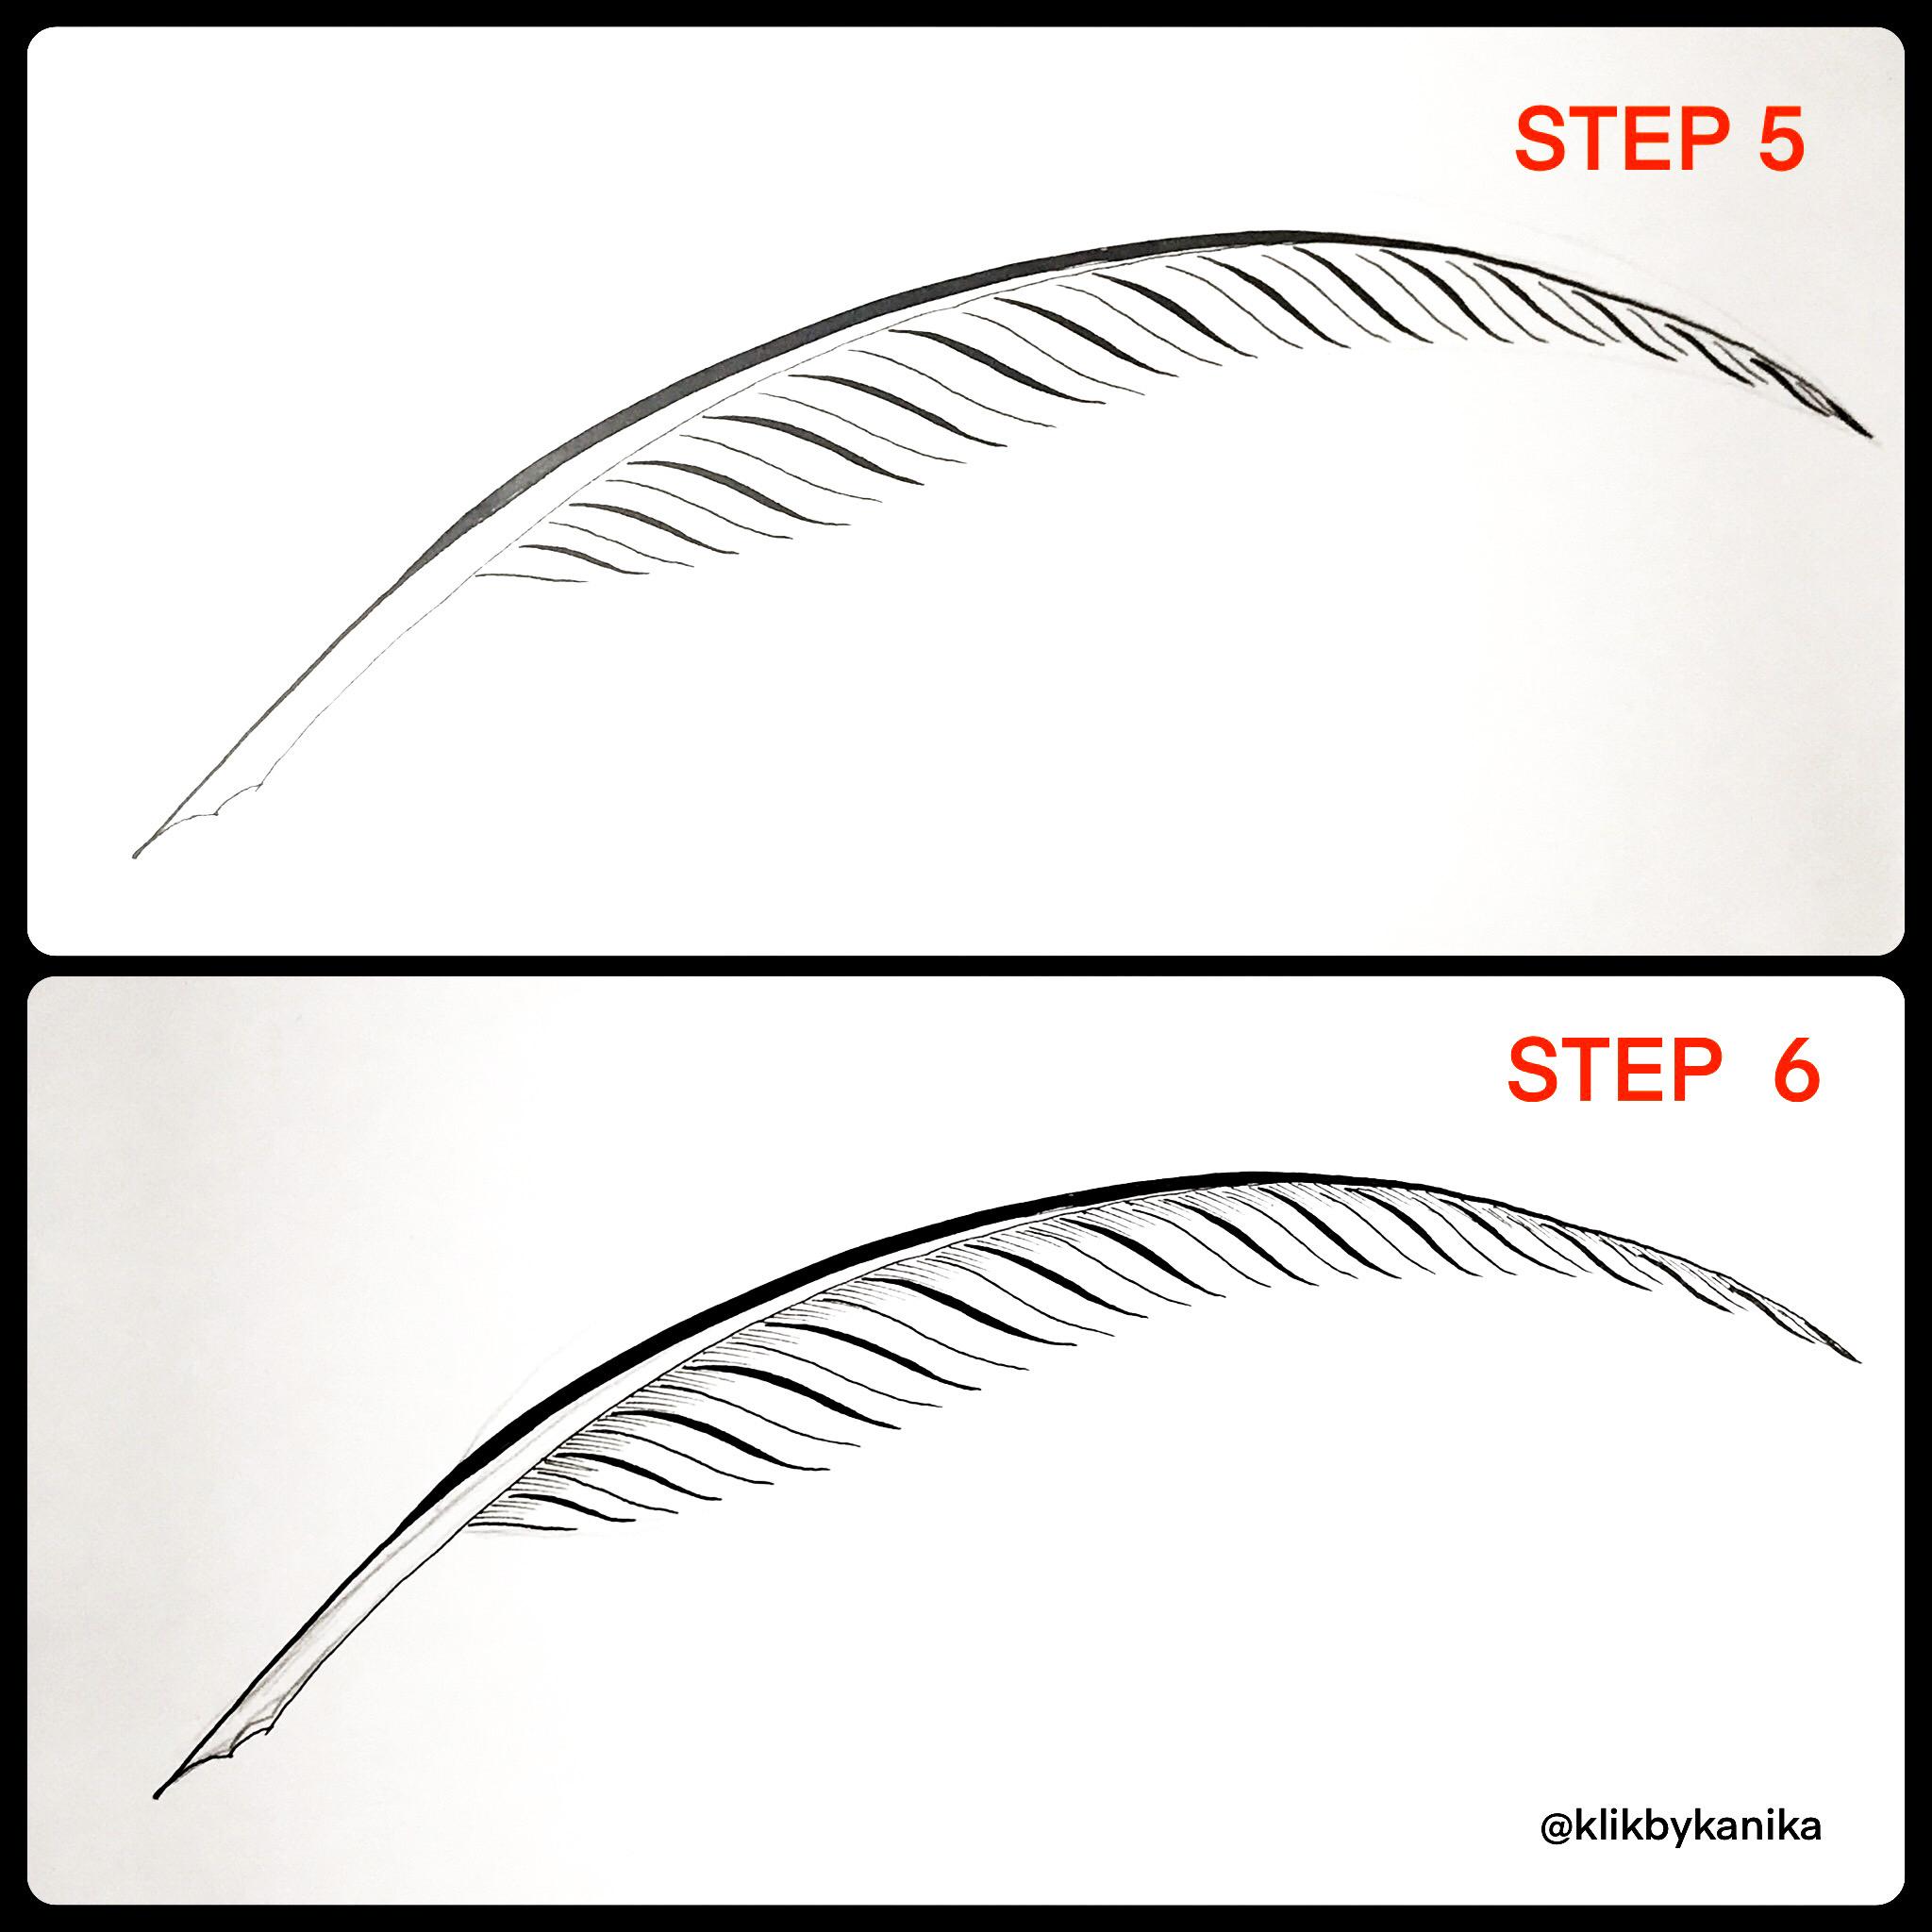 step 5/6 kanika